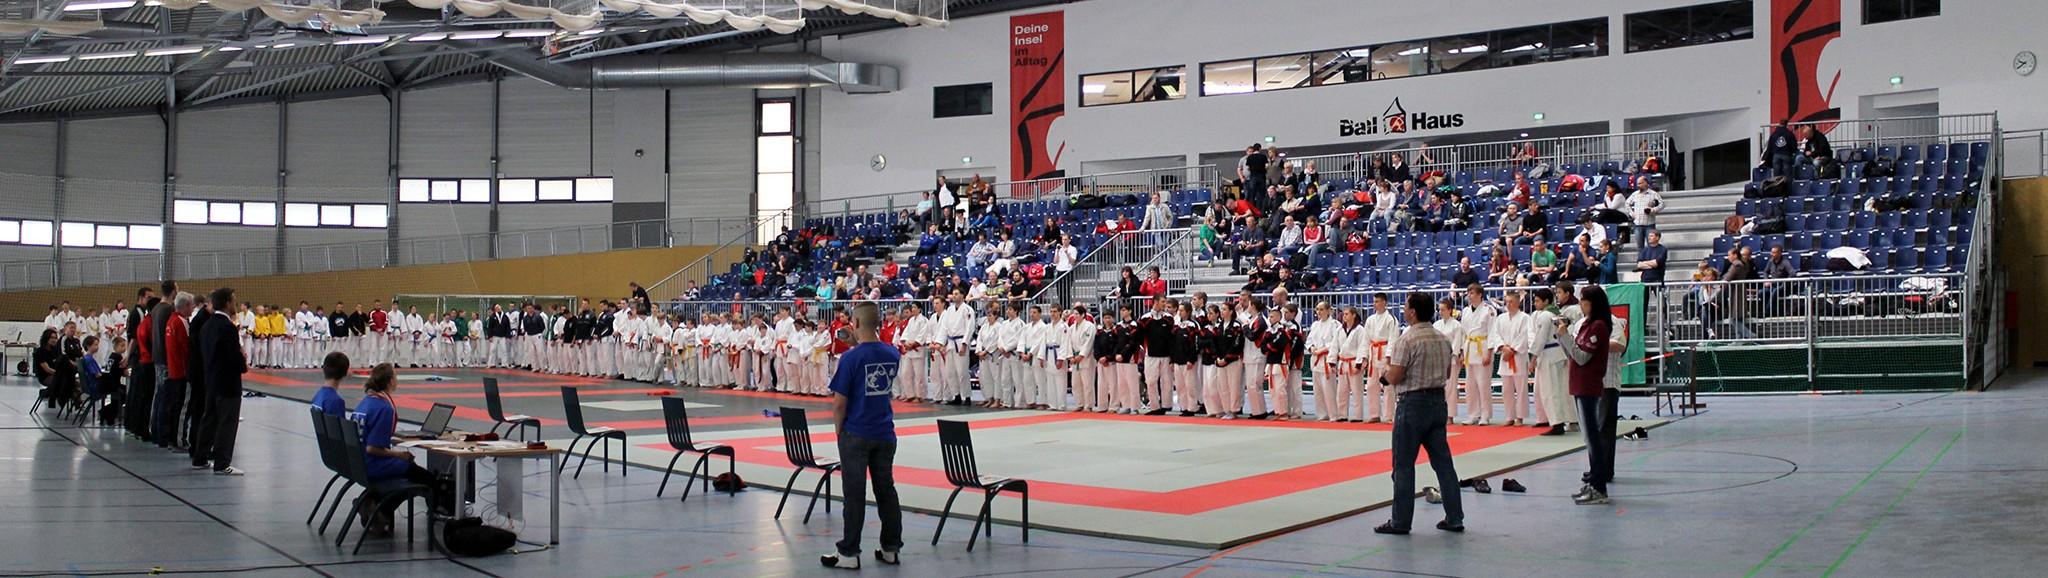 Ballhaus Aschersleben, Gruppenmeisterschaft Ost 2012